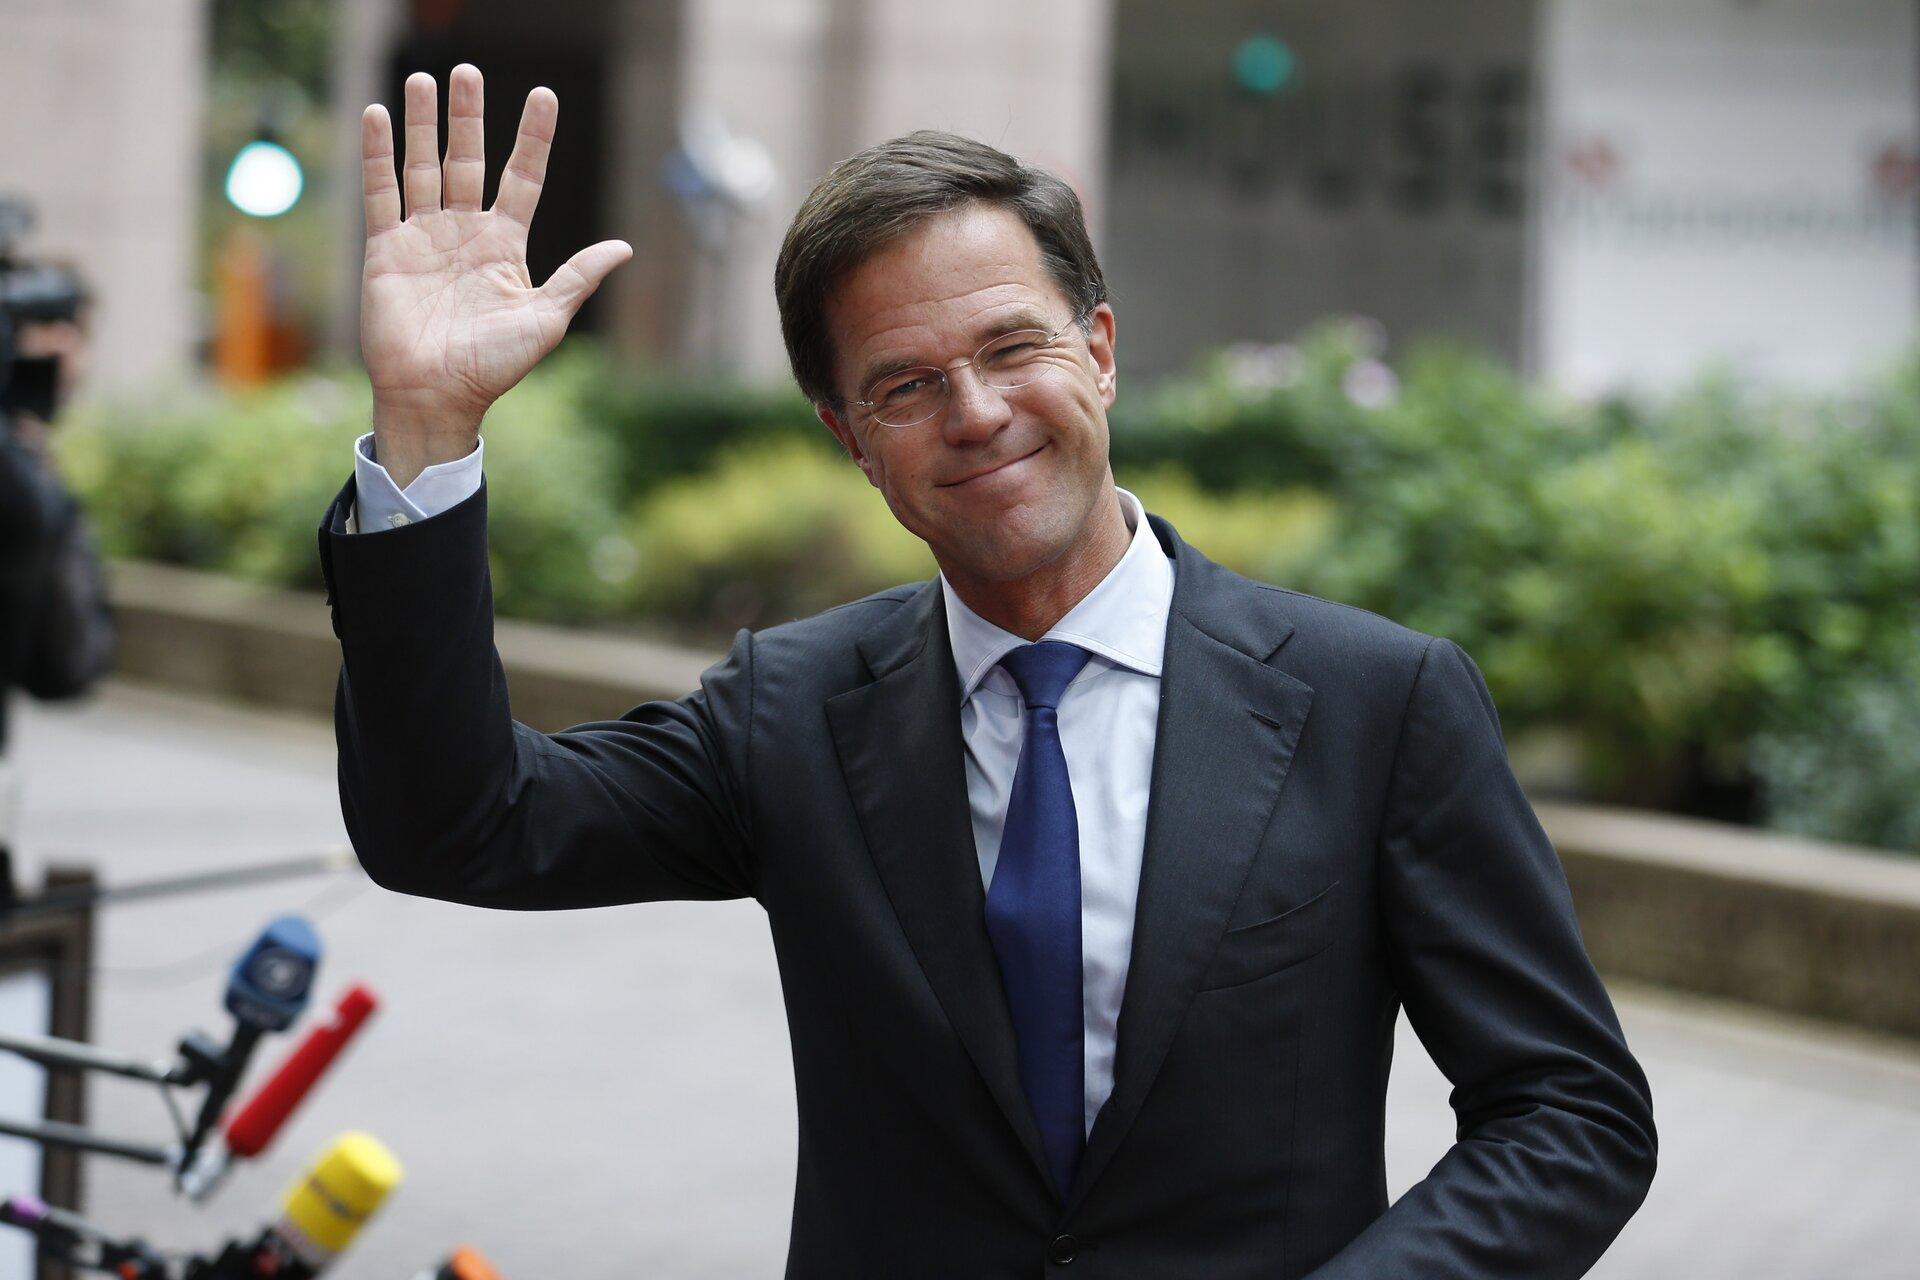 """Olanda, il """"falco"""" Rutte si dimette dopo scandalo sugli assegni familiari   WSI"""